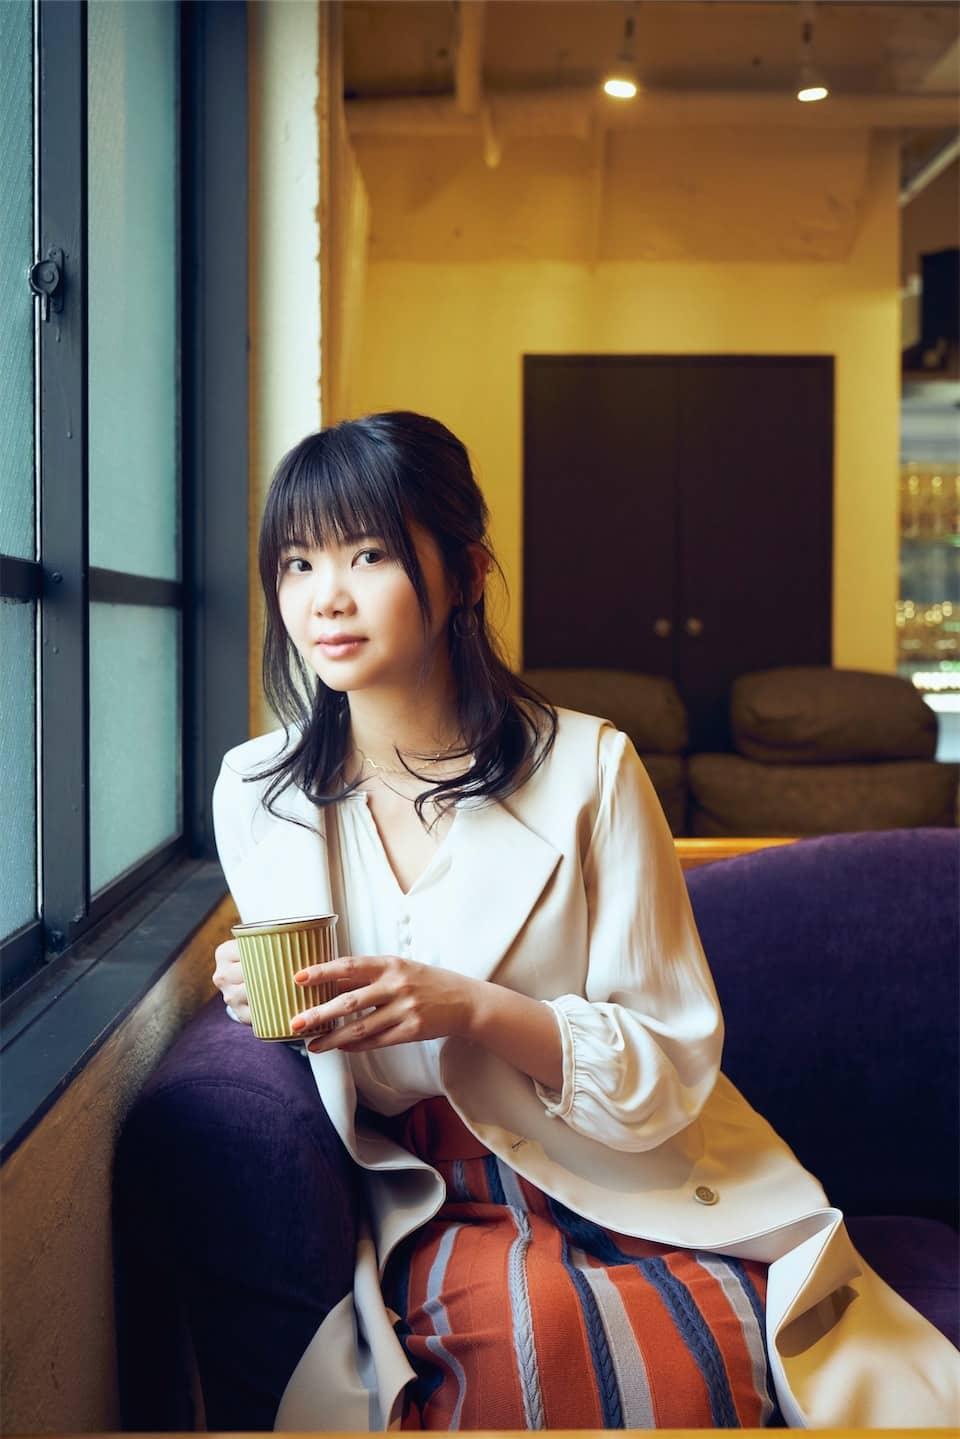 吉岡聖恵(いきものがかり)、童謡や唱歌を届けるYouTubeチャンネル開設!